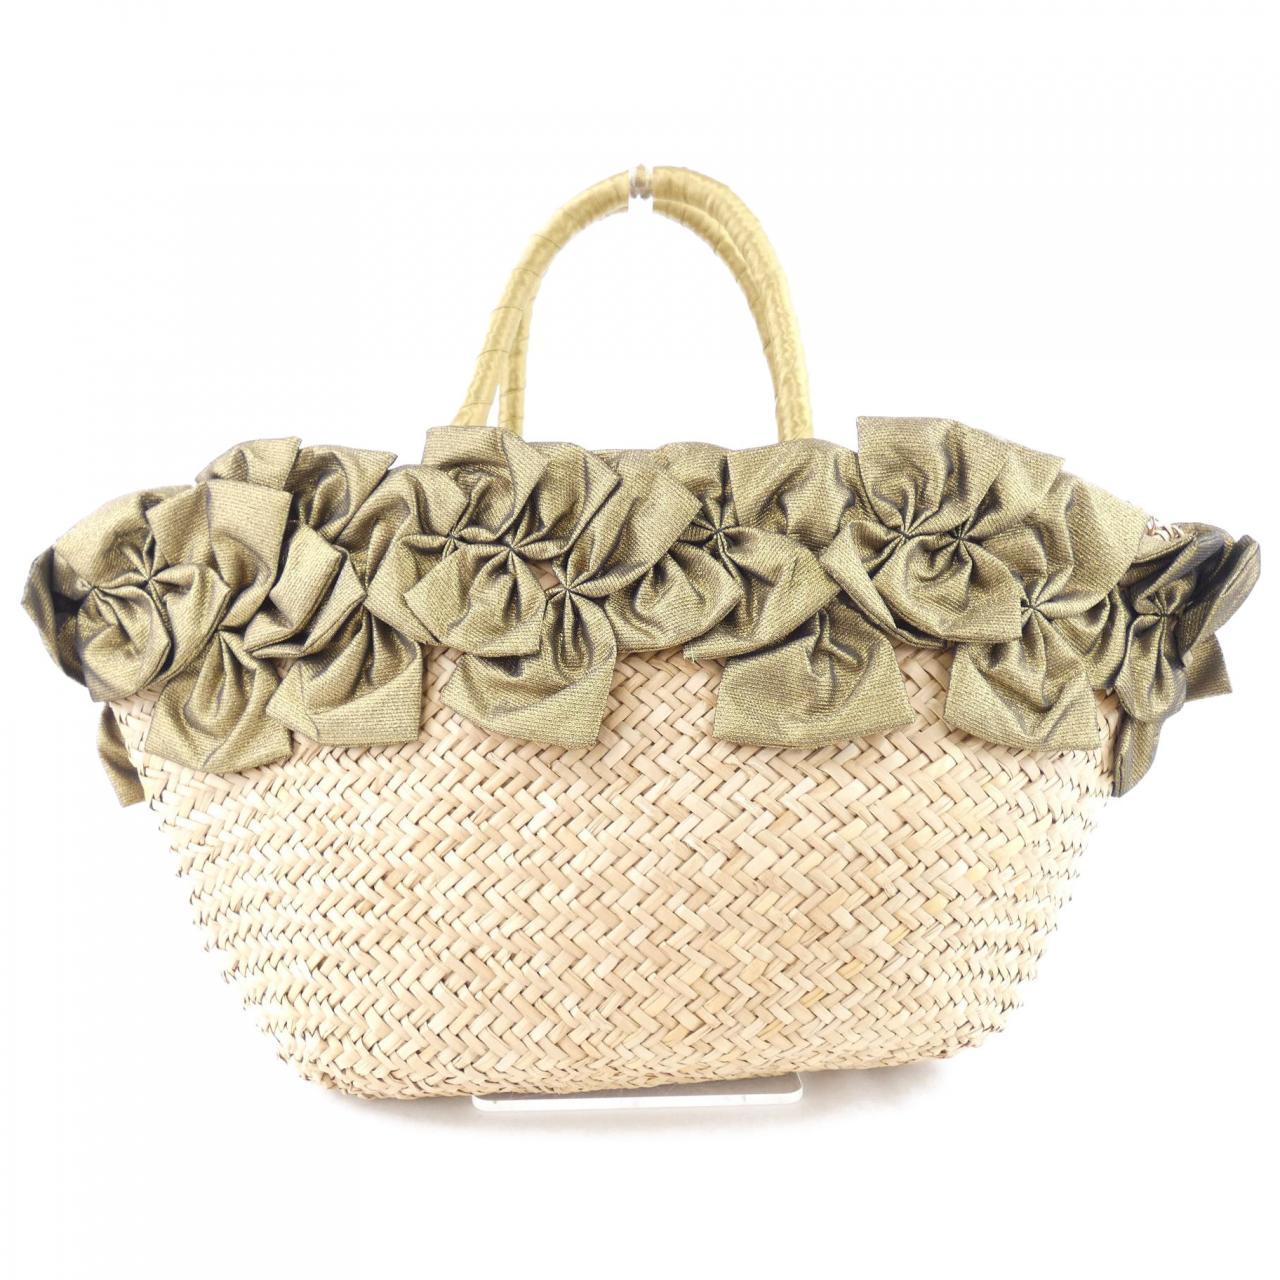 LUDLOW LUDLOW BAG